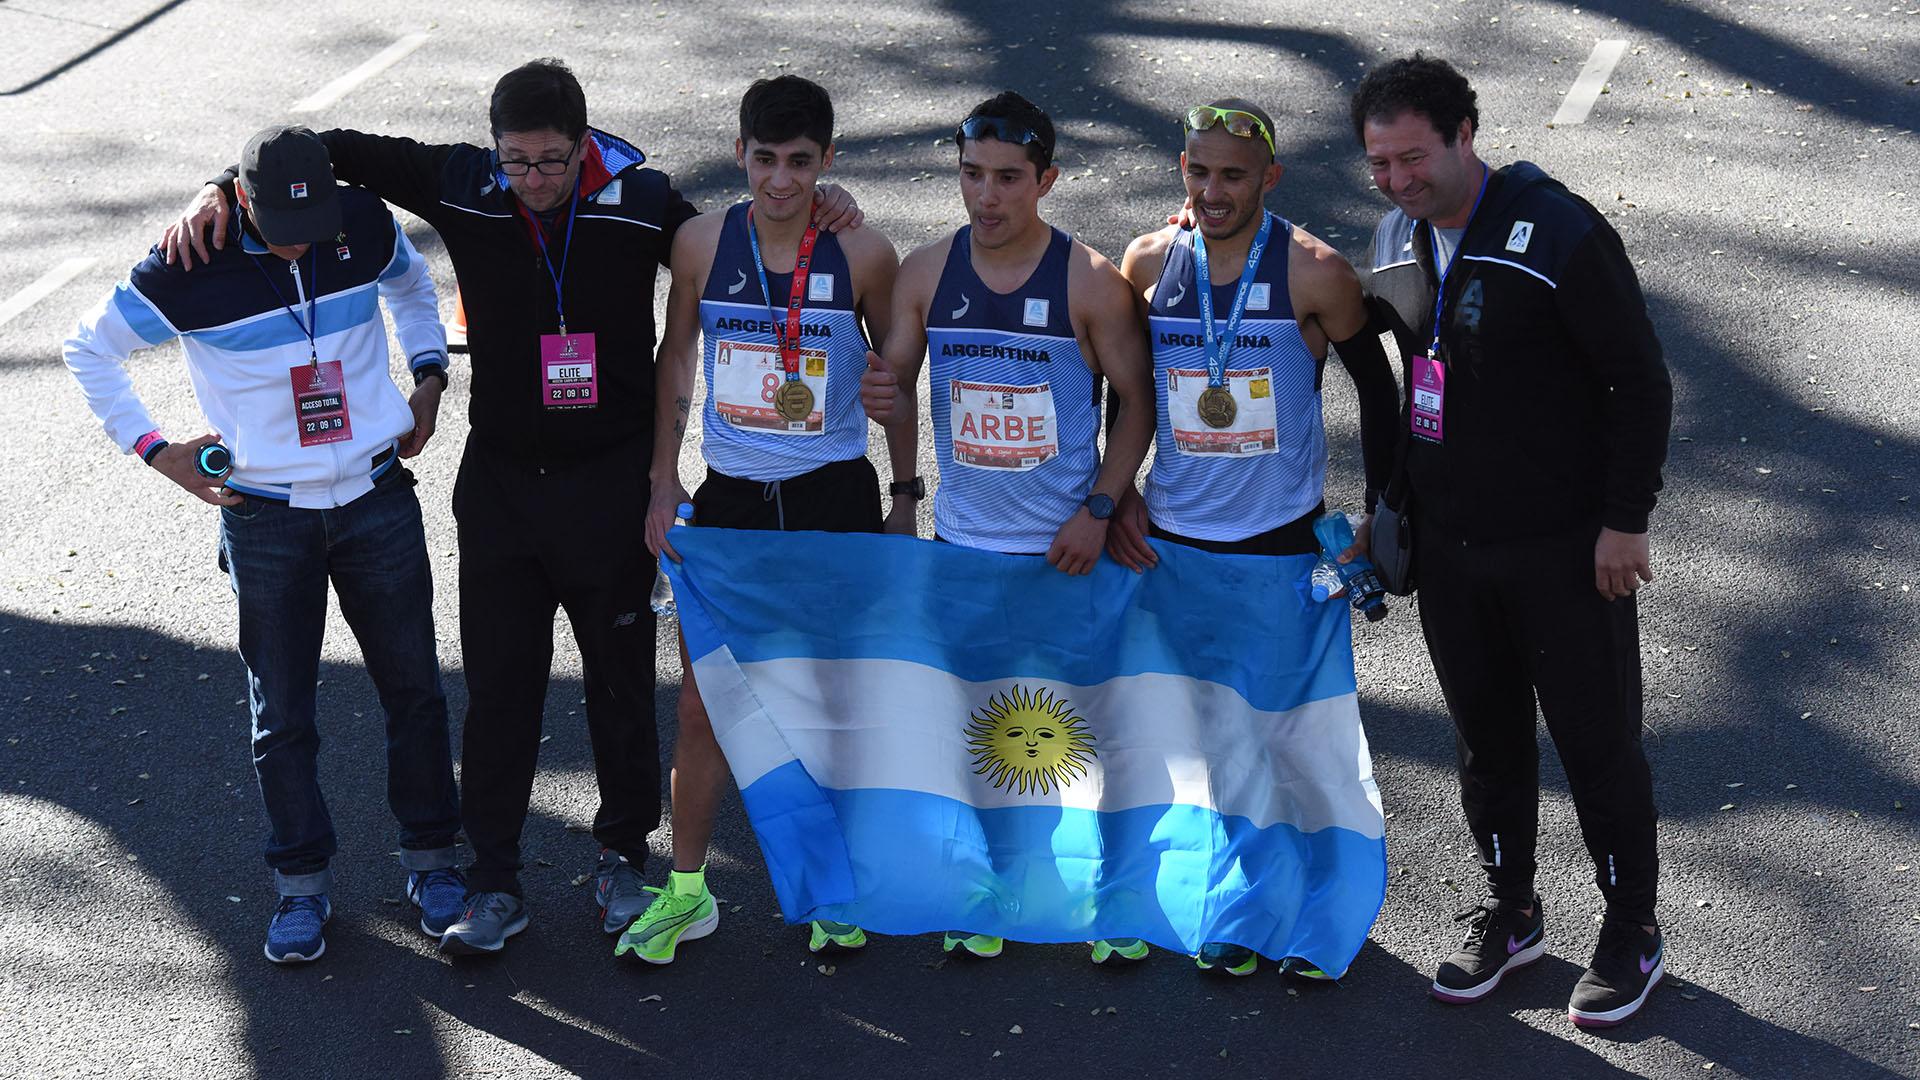 La delegación de los mejores competidores argentinos. En el medio, Joaquín Arbe, el mejor clasificado del país